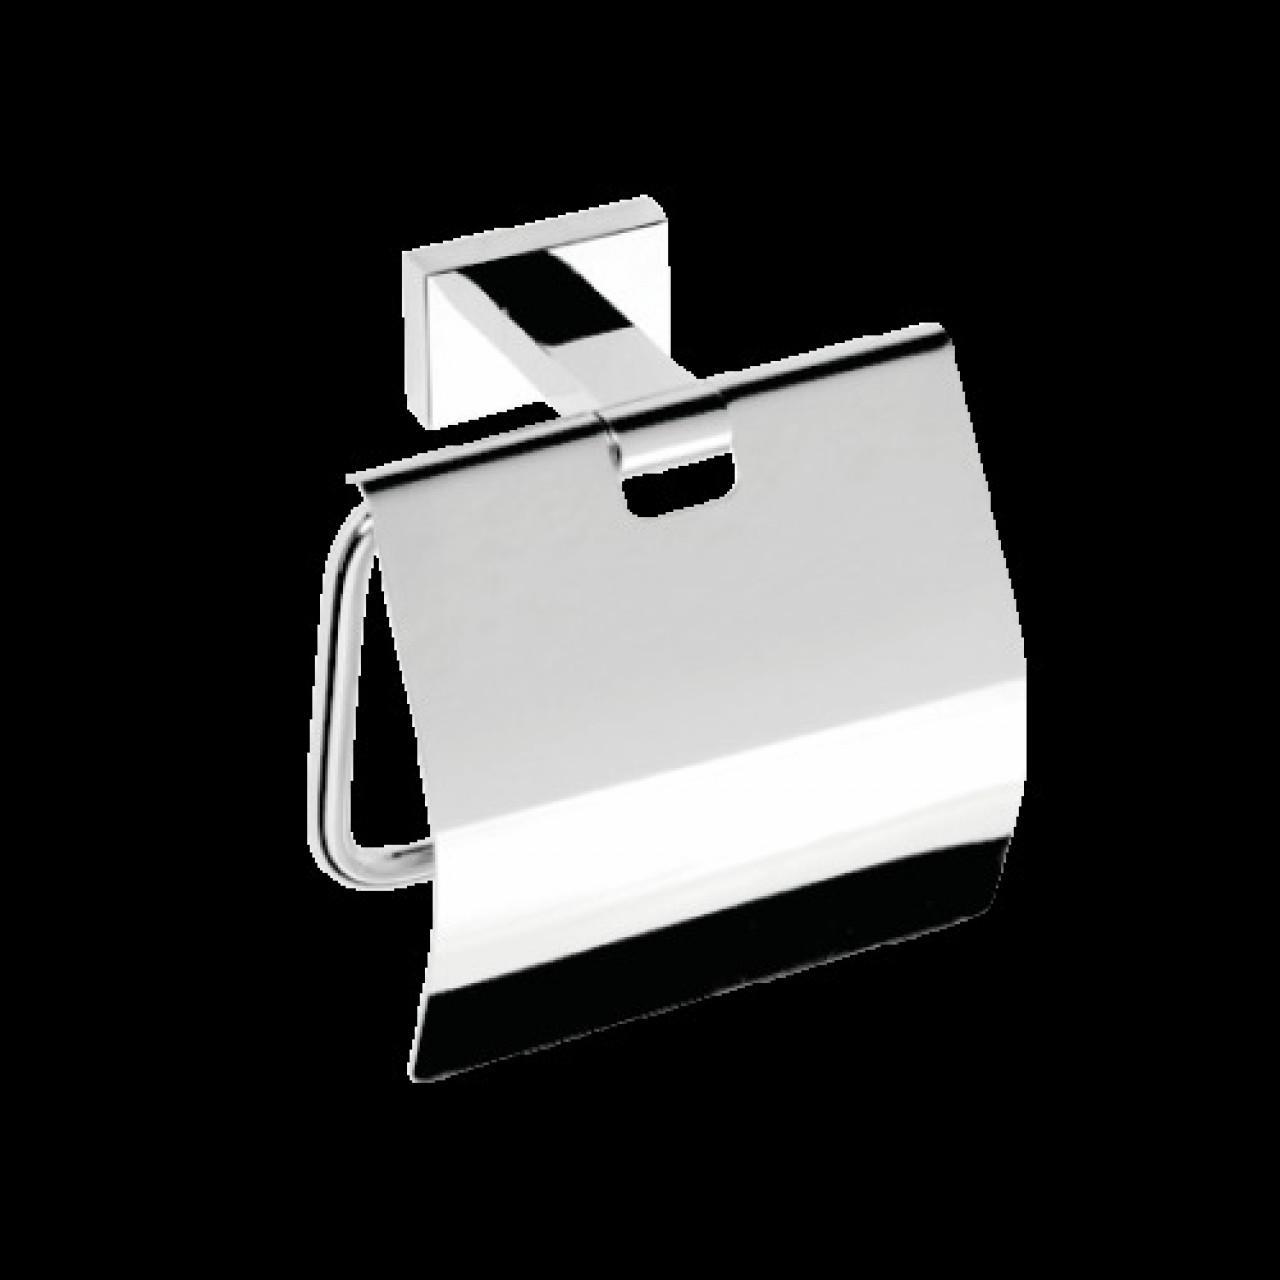 Держатель туалетной бумаги с крышкой BEMETA PLAZA 118112012 купить в Москве по цене от 1871р. в интернет-магазине mebel-v-vannu.ru